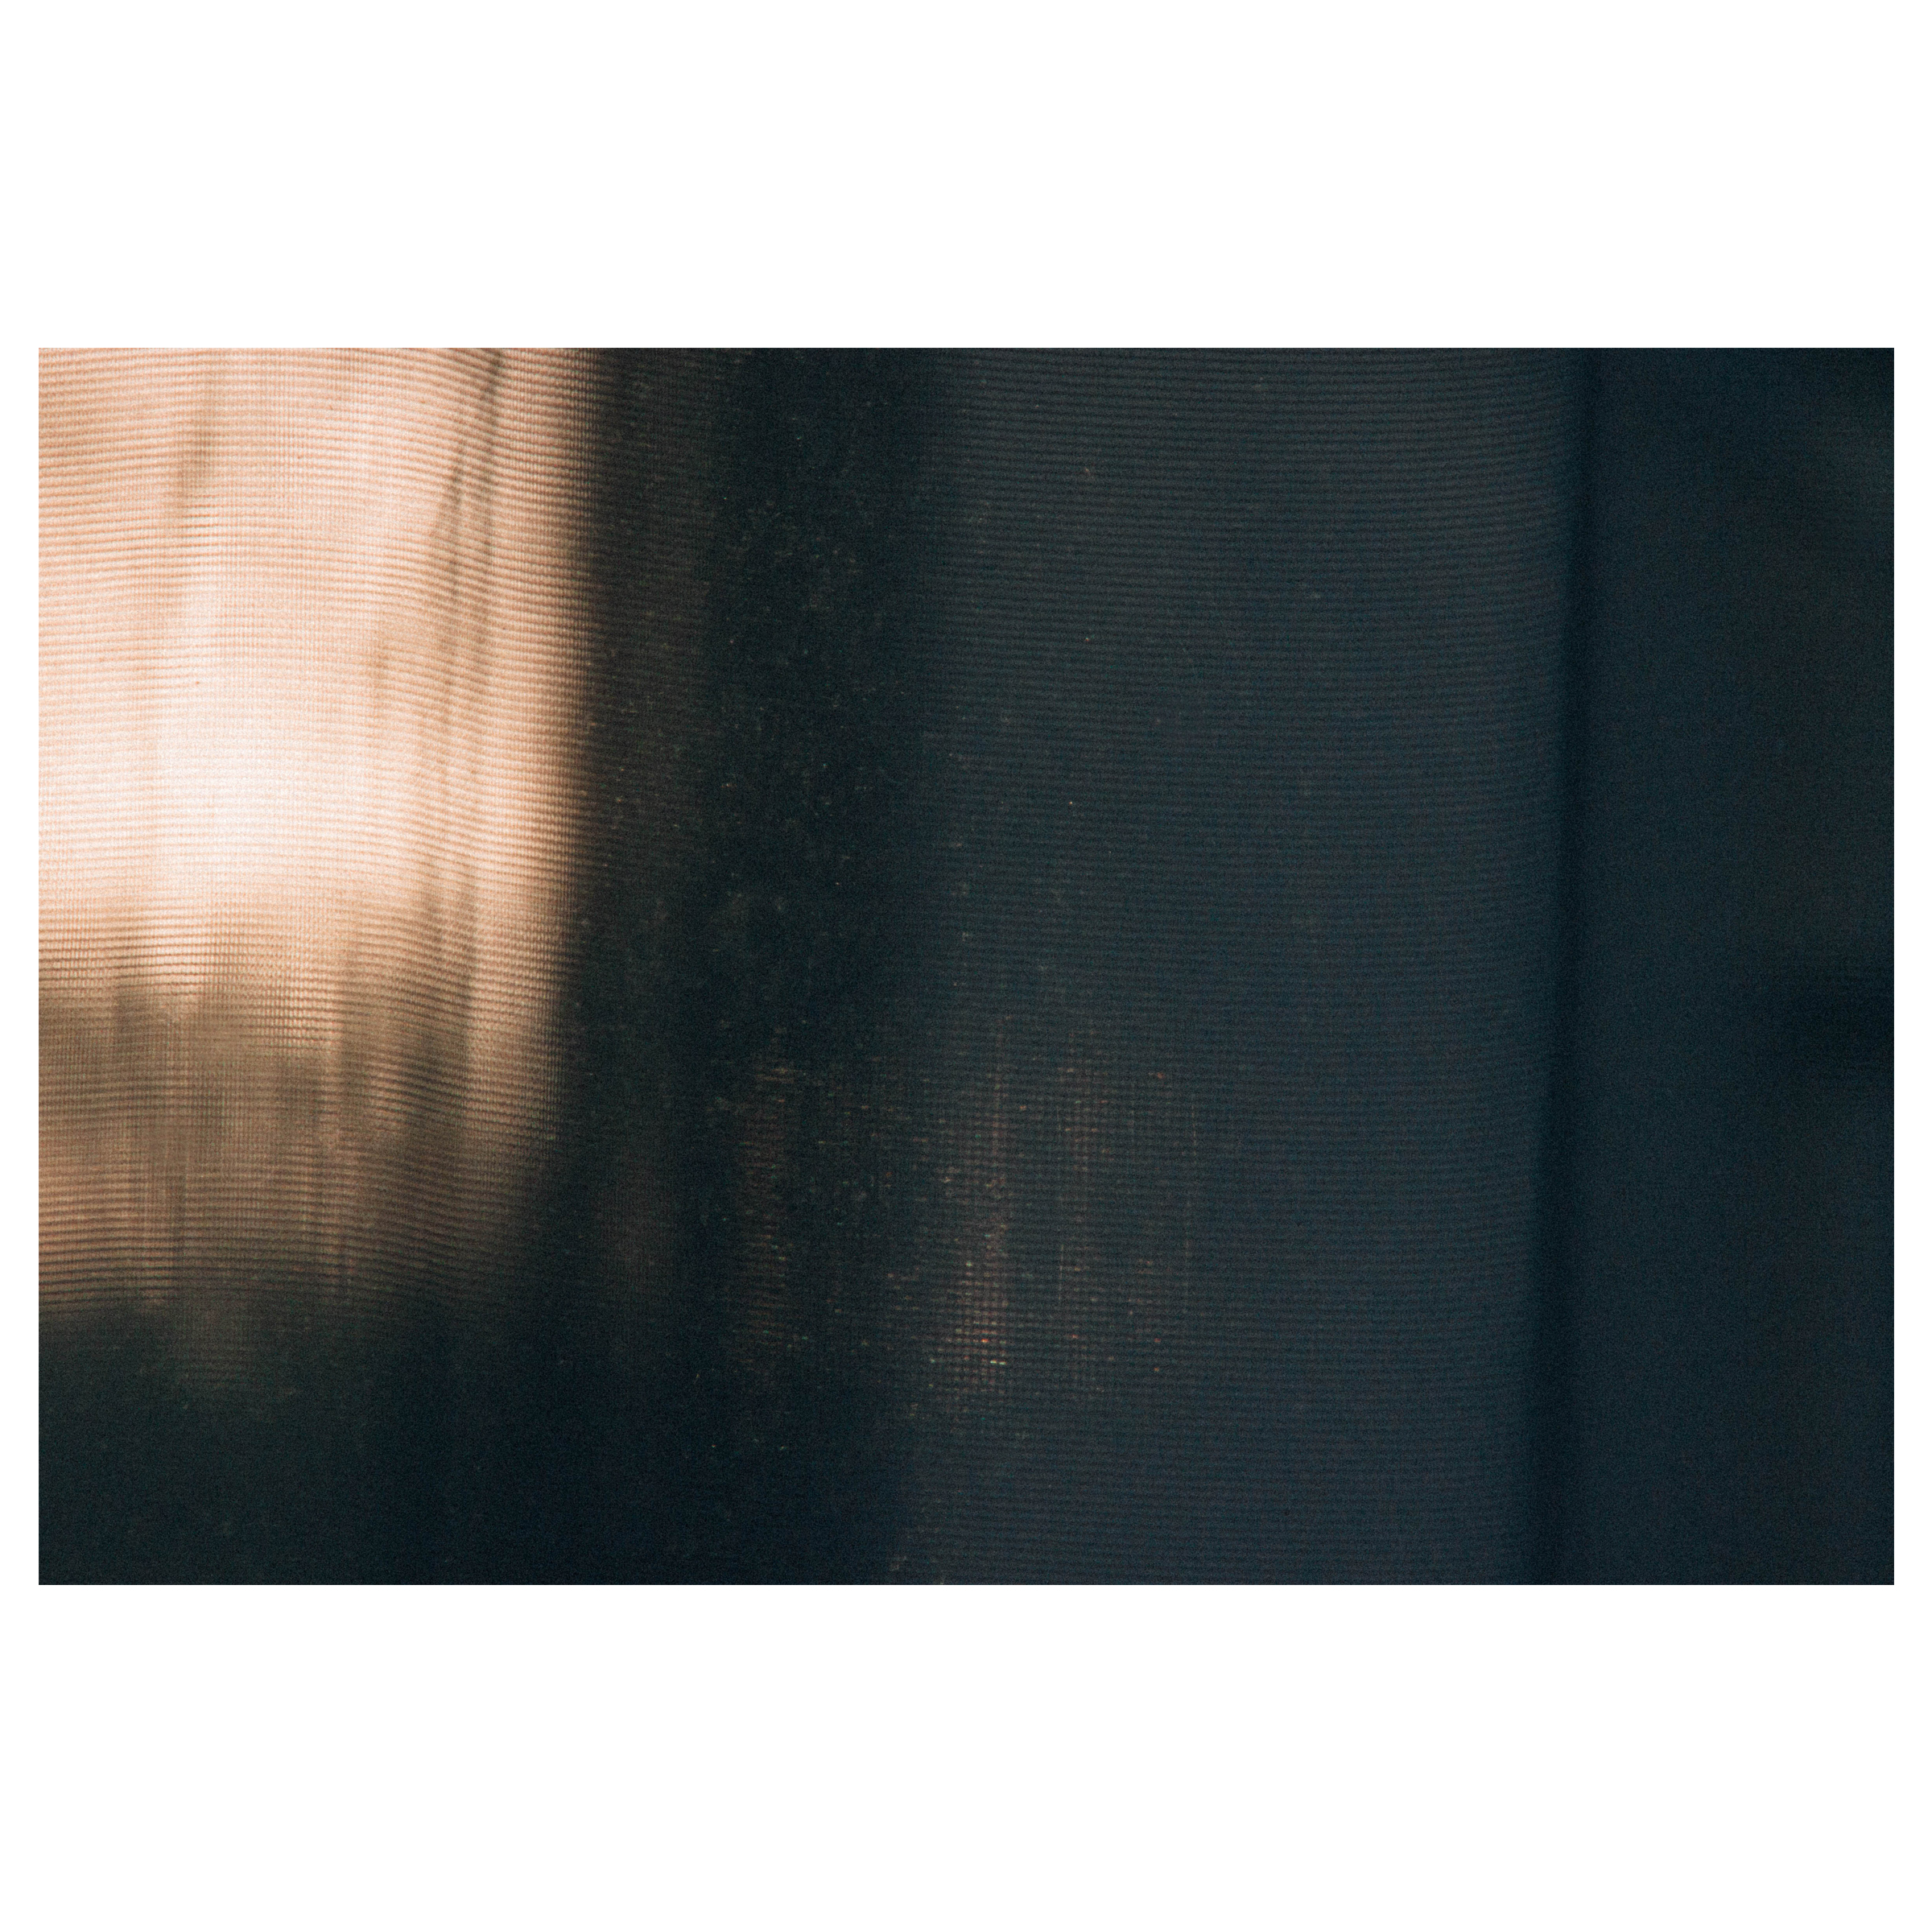 Mimasu_Curtain2.jpg